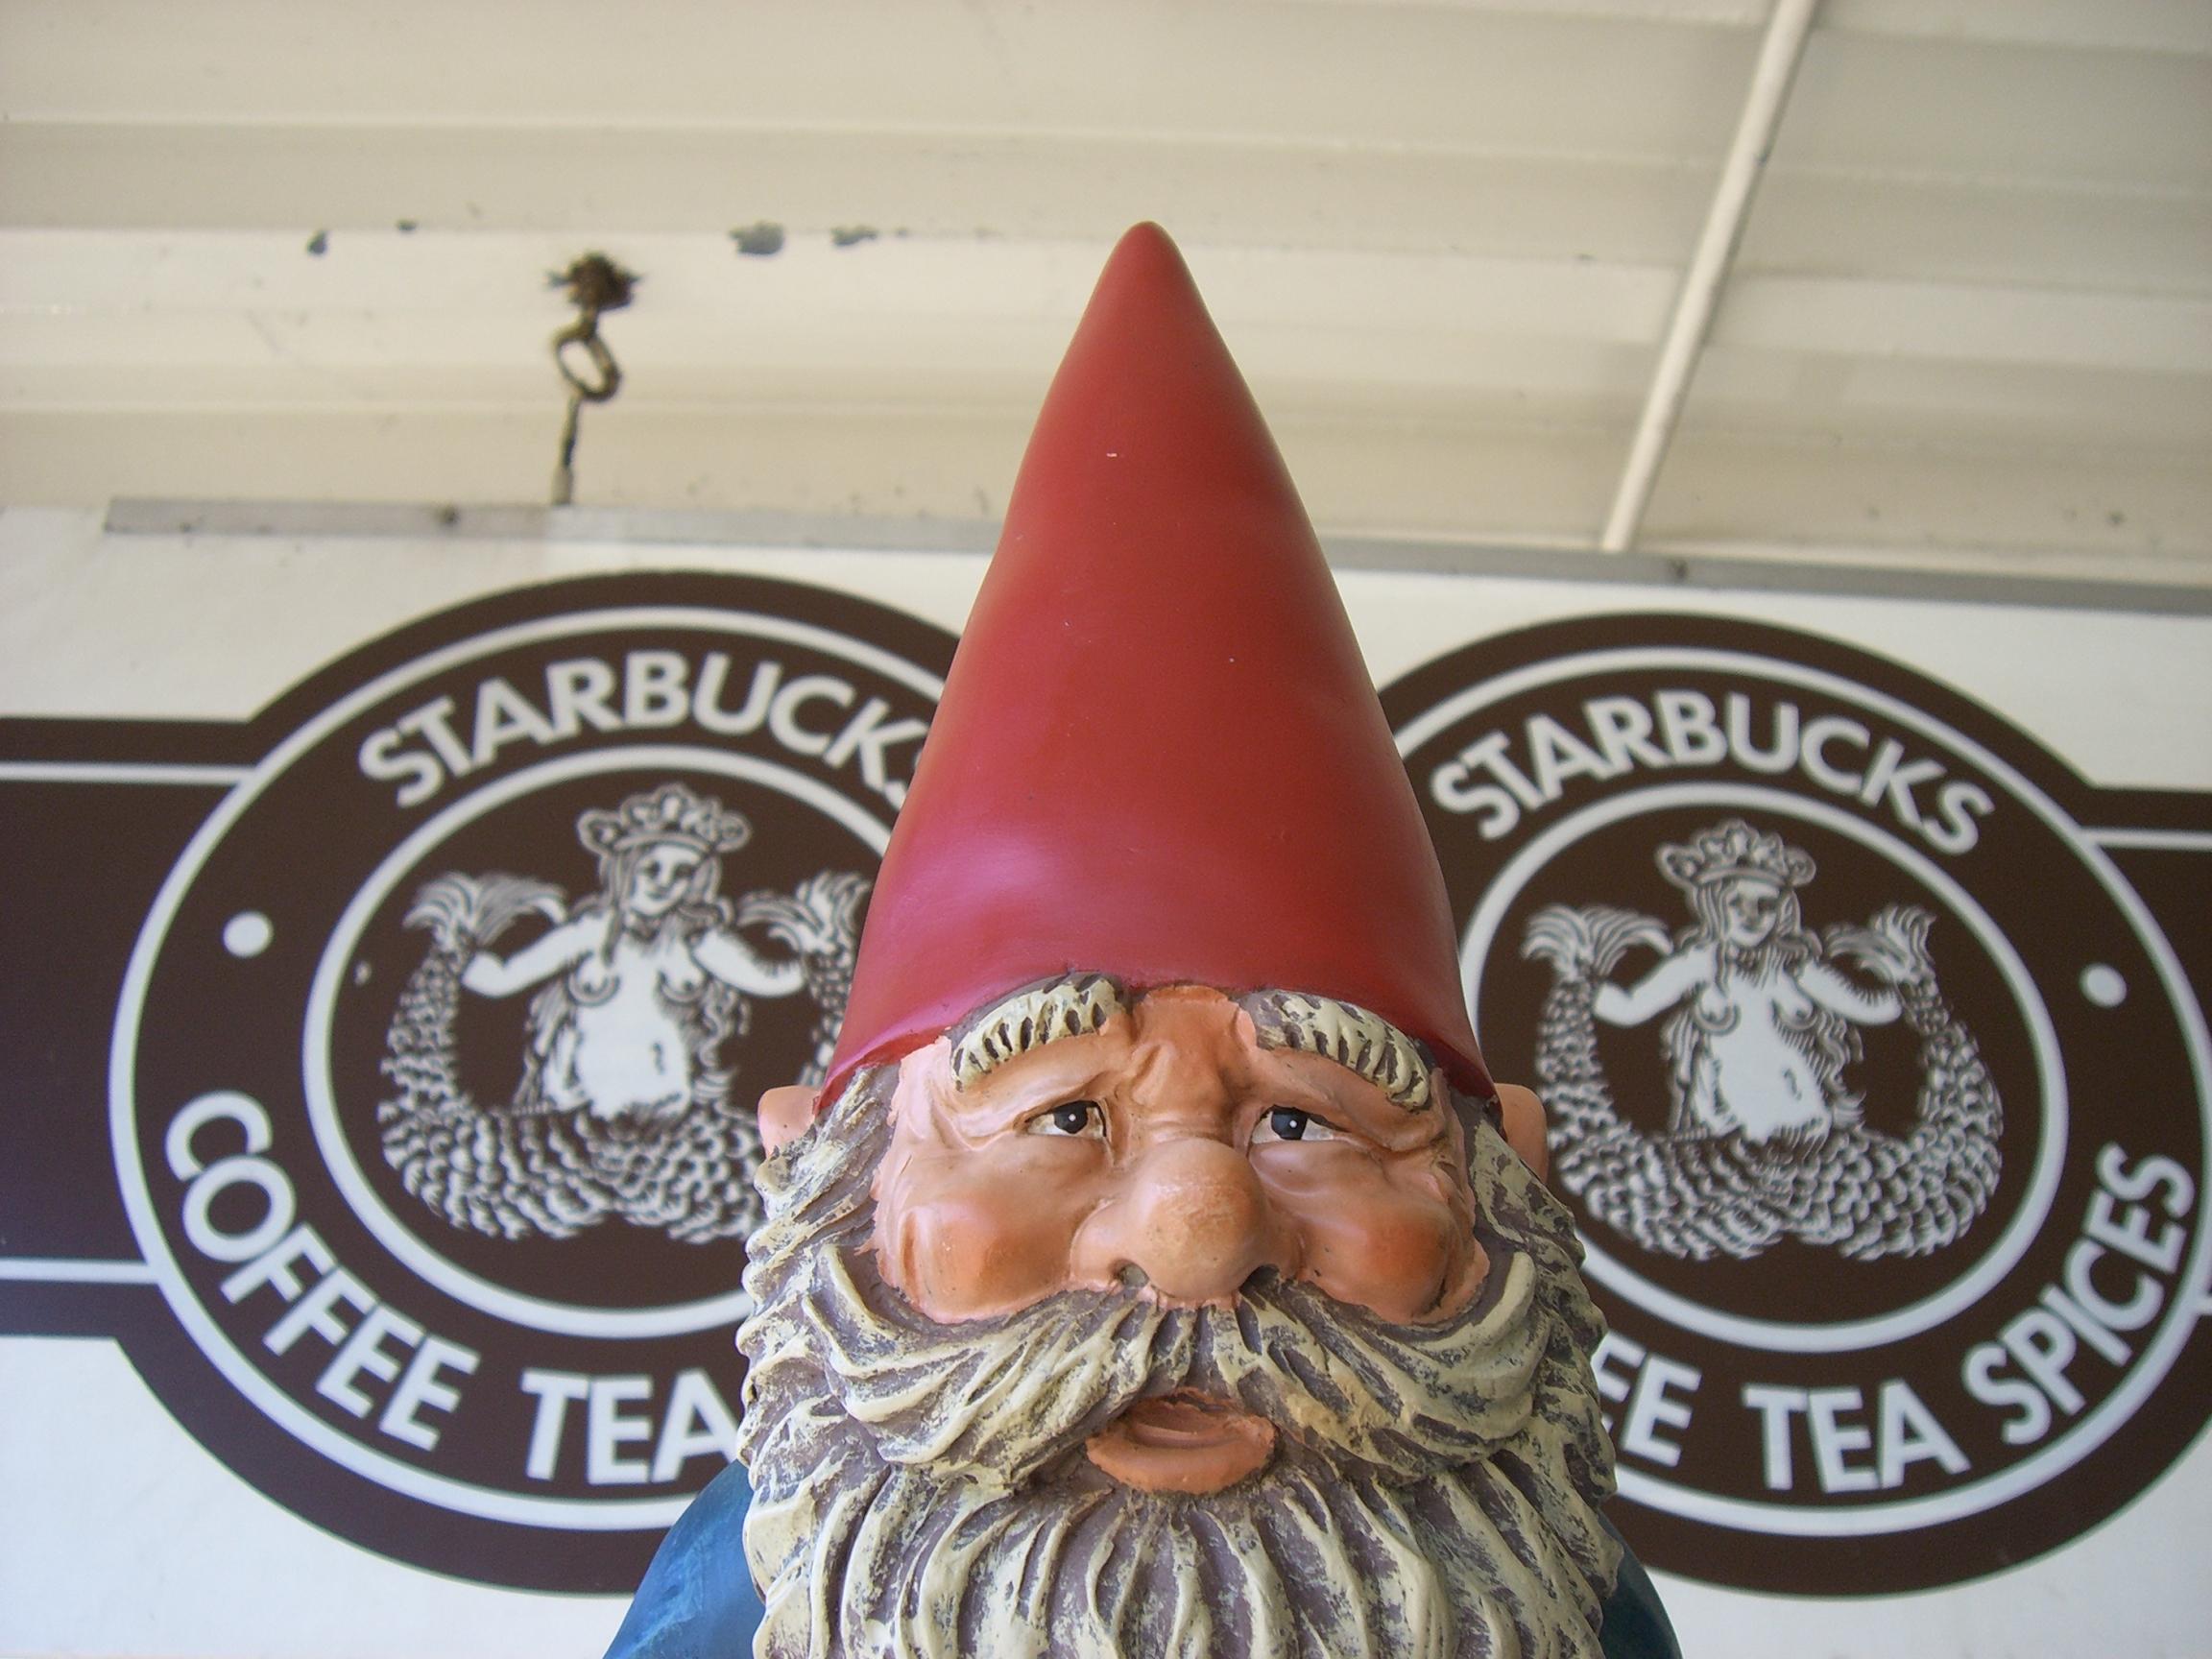 Starbucks (SB)